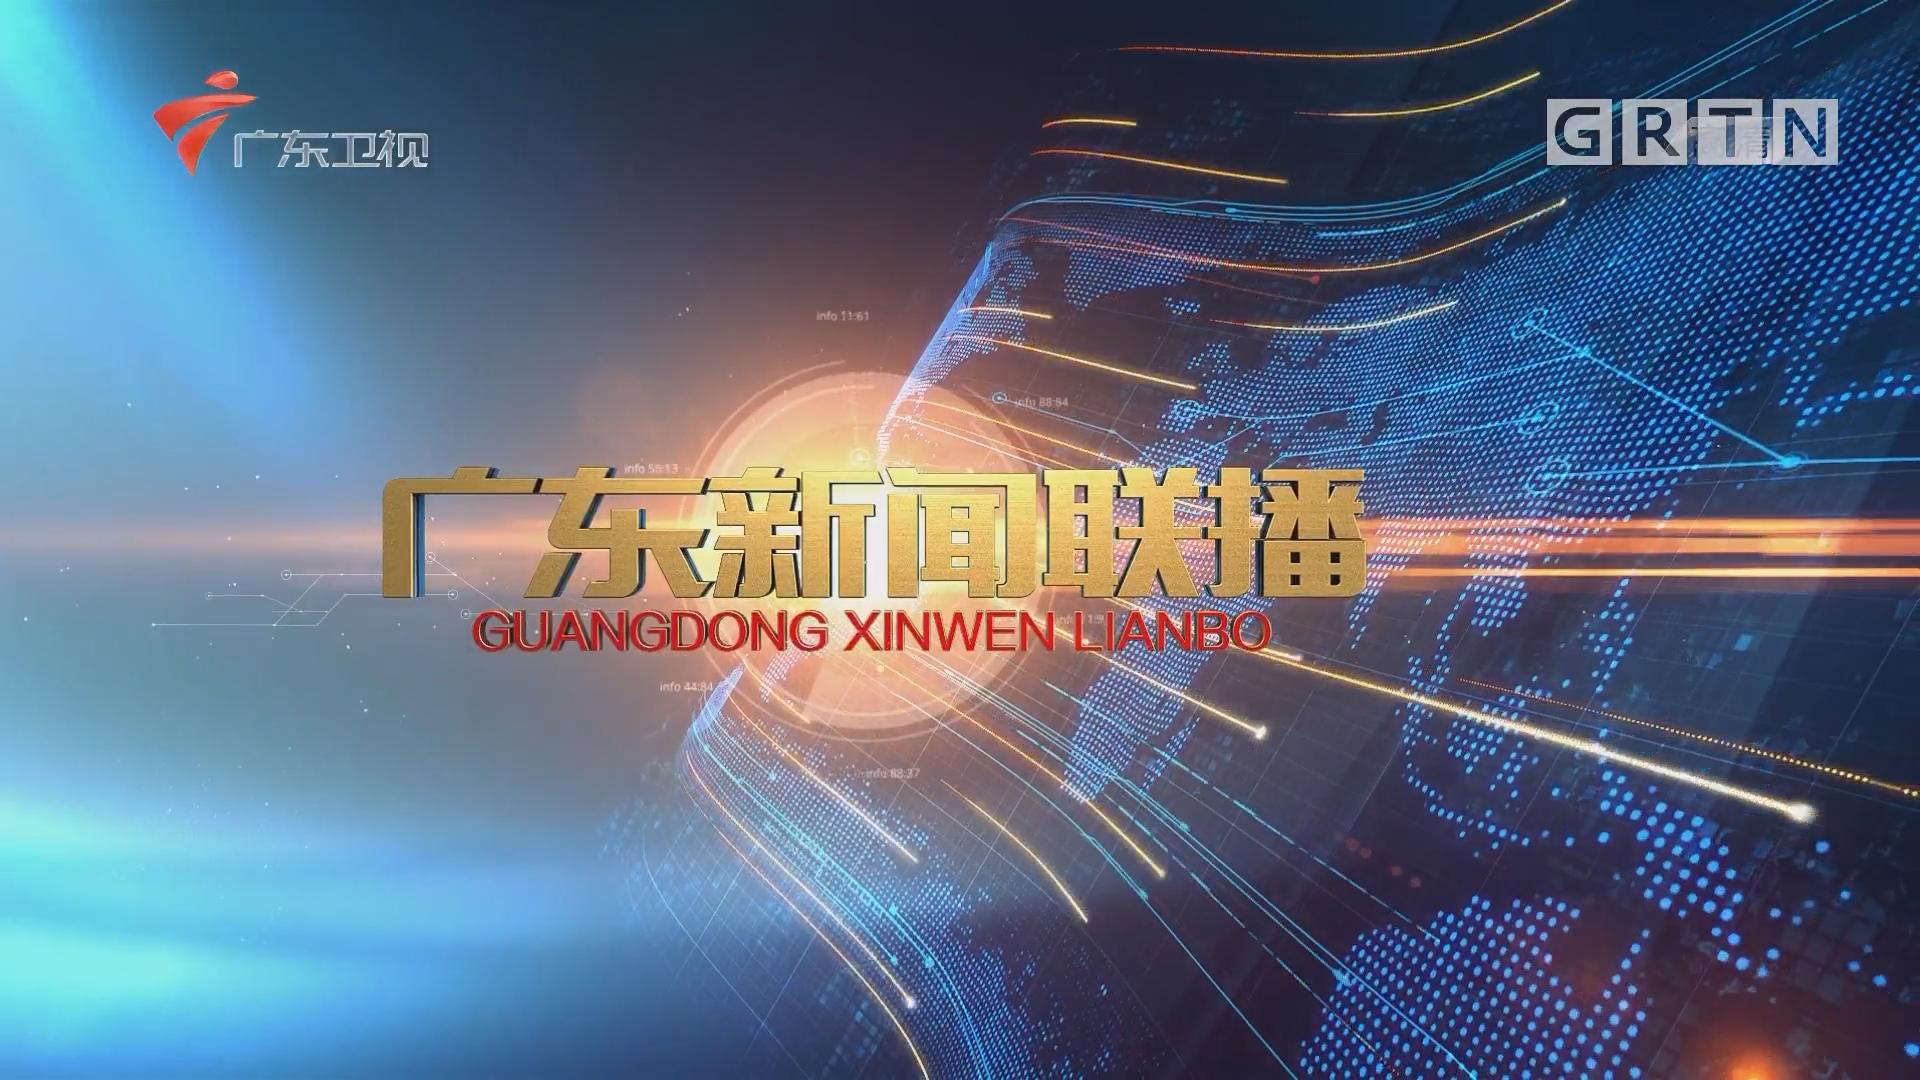 [HD][2018-05-31]广东新闻联播:广州:打造共建共治共享幸福生活